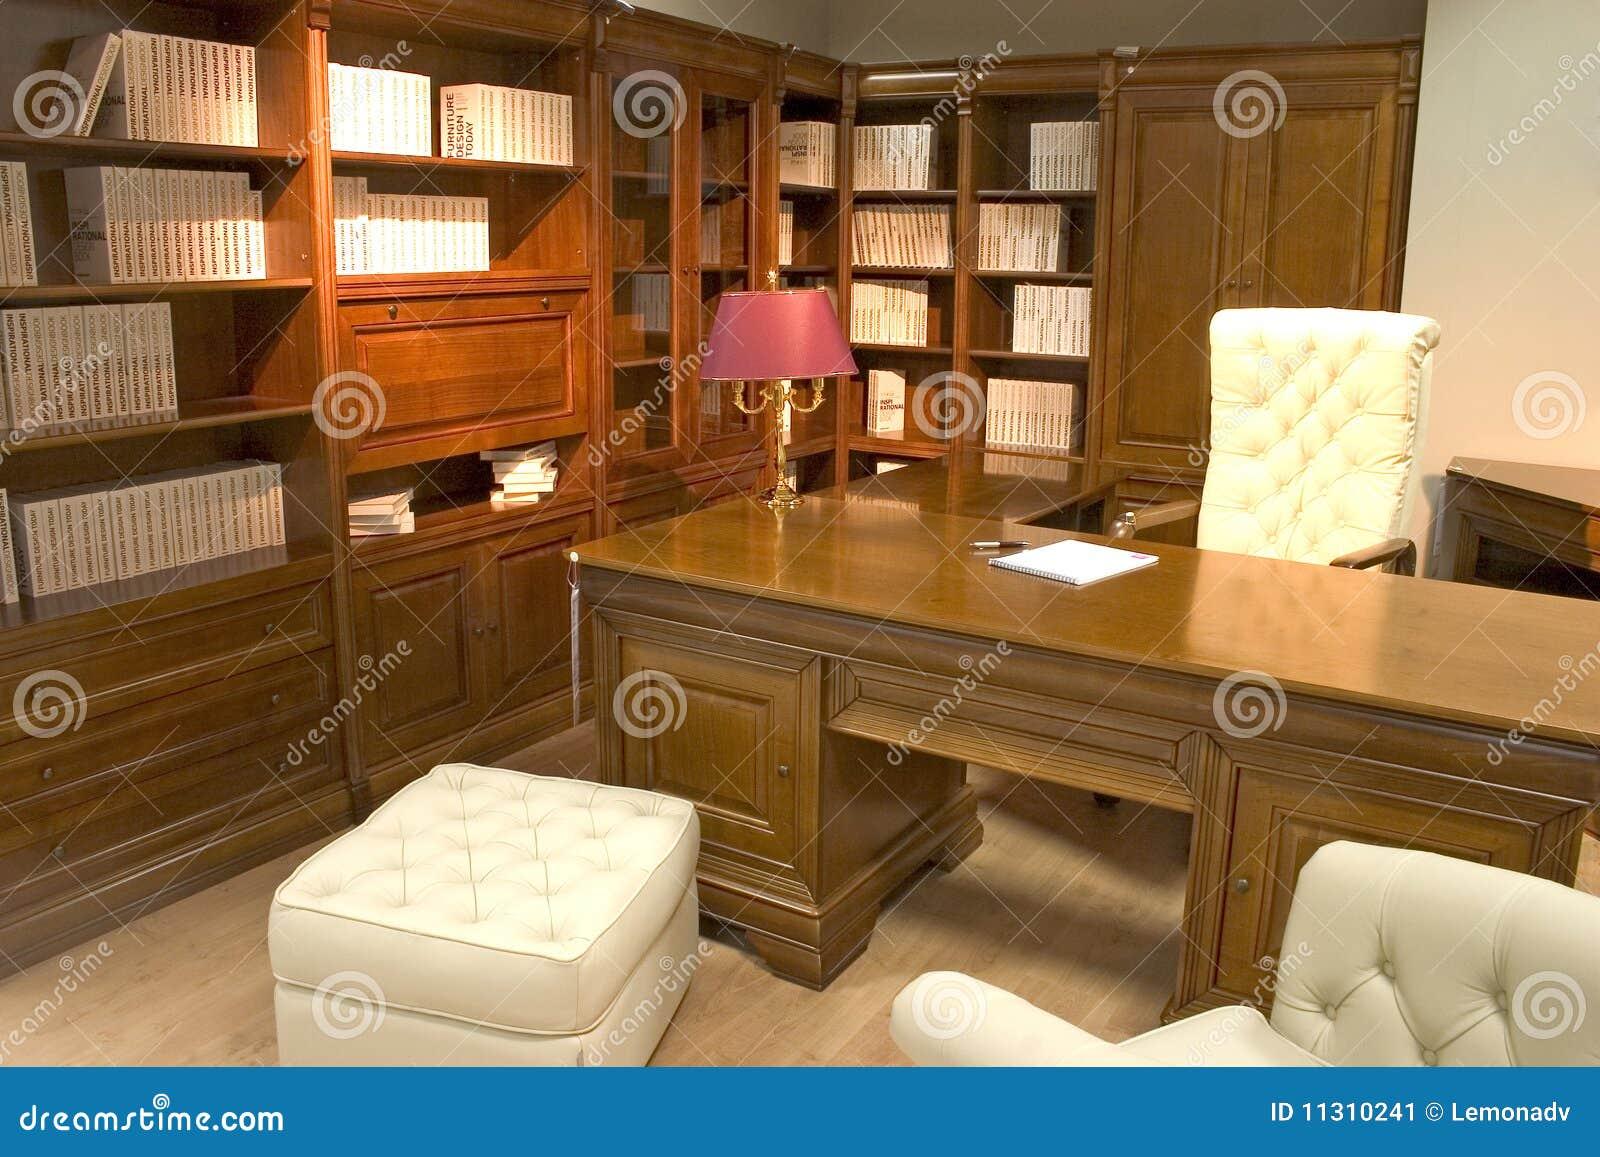 Ufficio lussuoso immagine stock immagine 11310241 for Ufficio presidenza